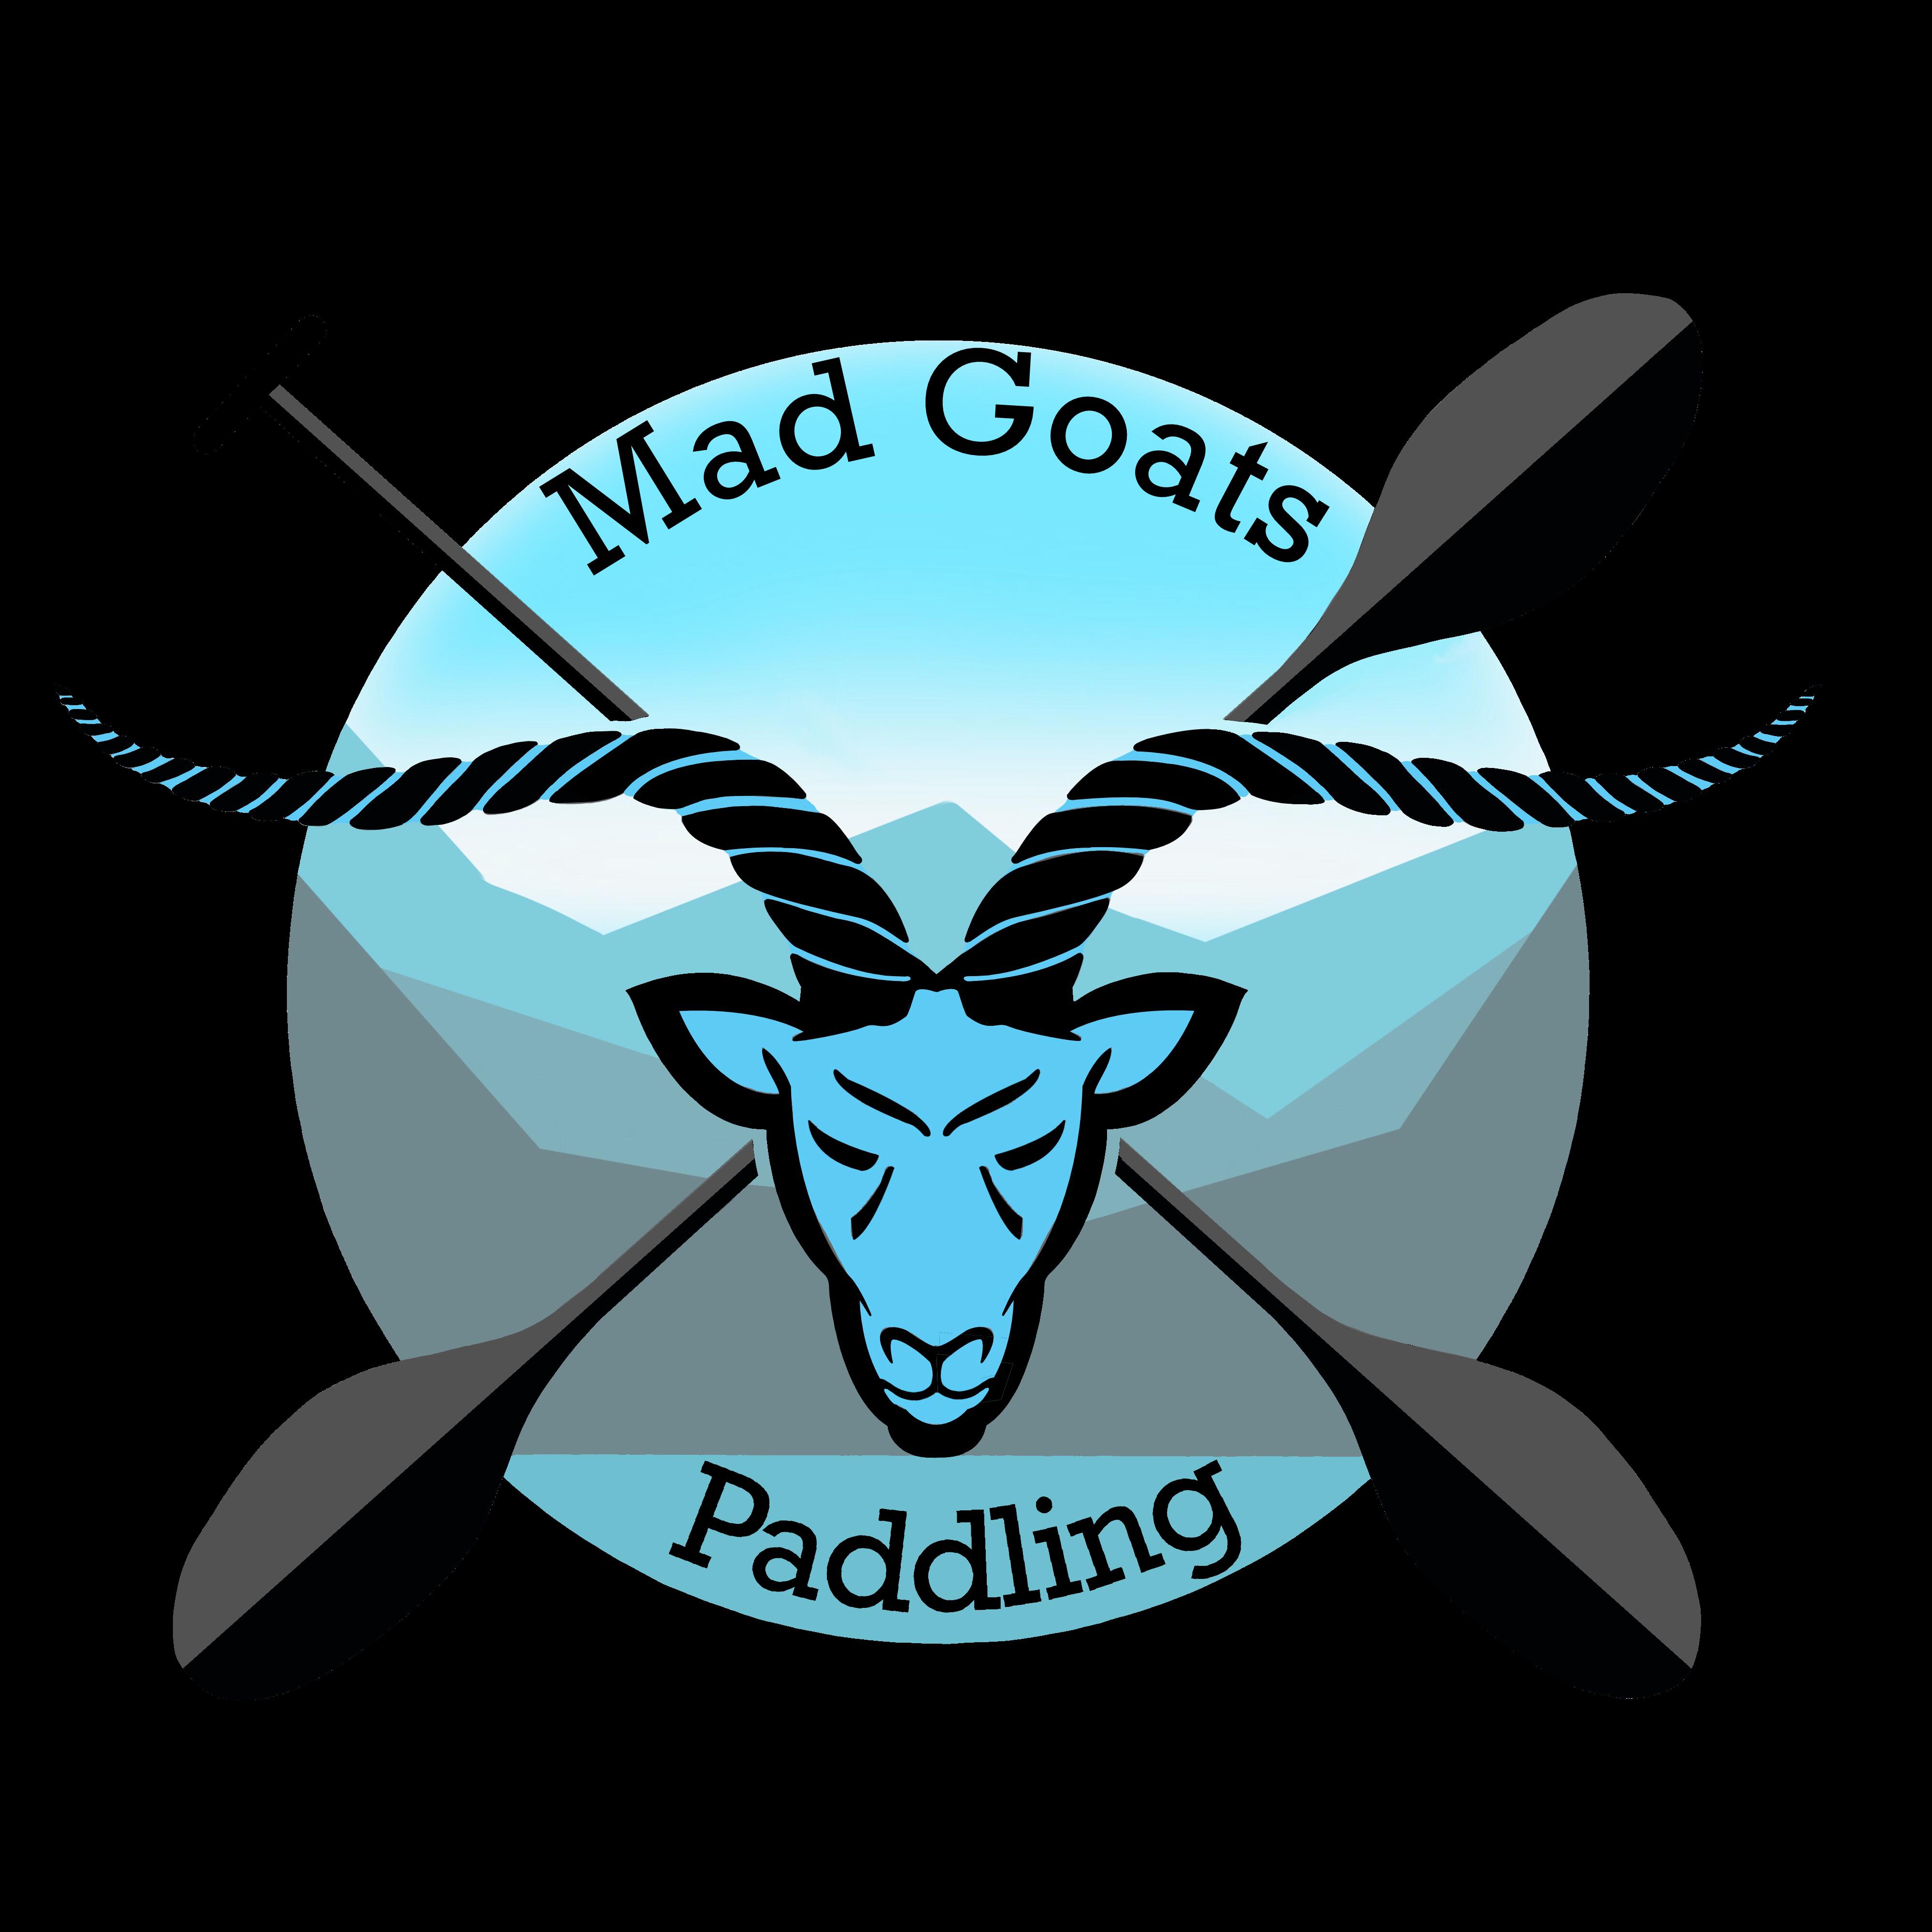 Mad Goats Paddling